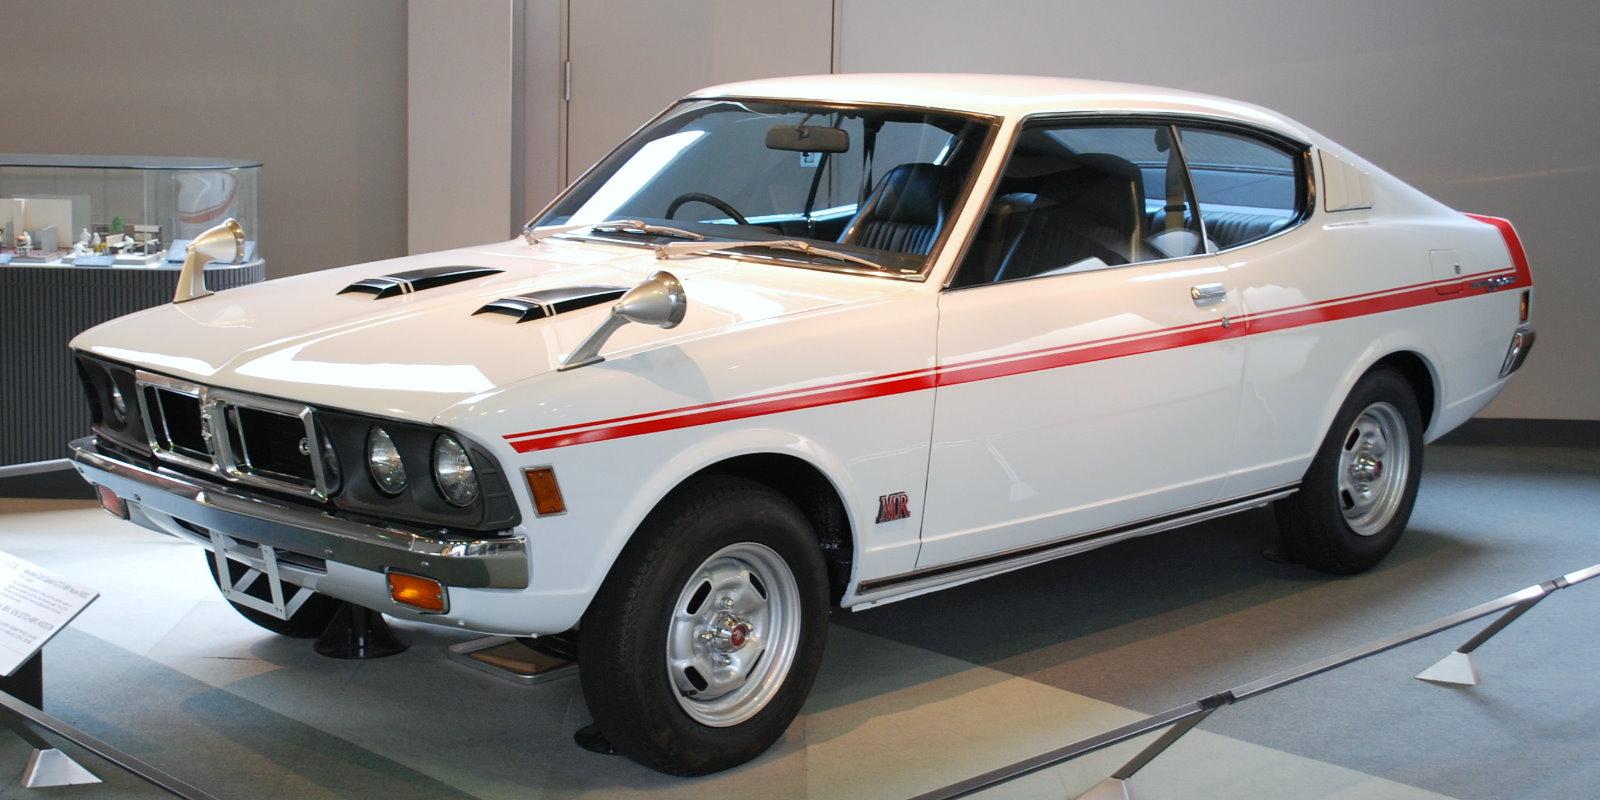 File:1970 Mitsubishi Galant-GTO 01.jpg - Wikimedia Commons